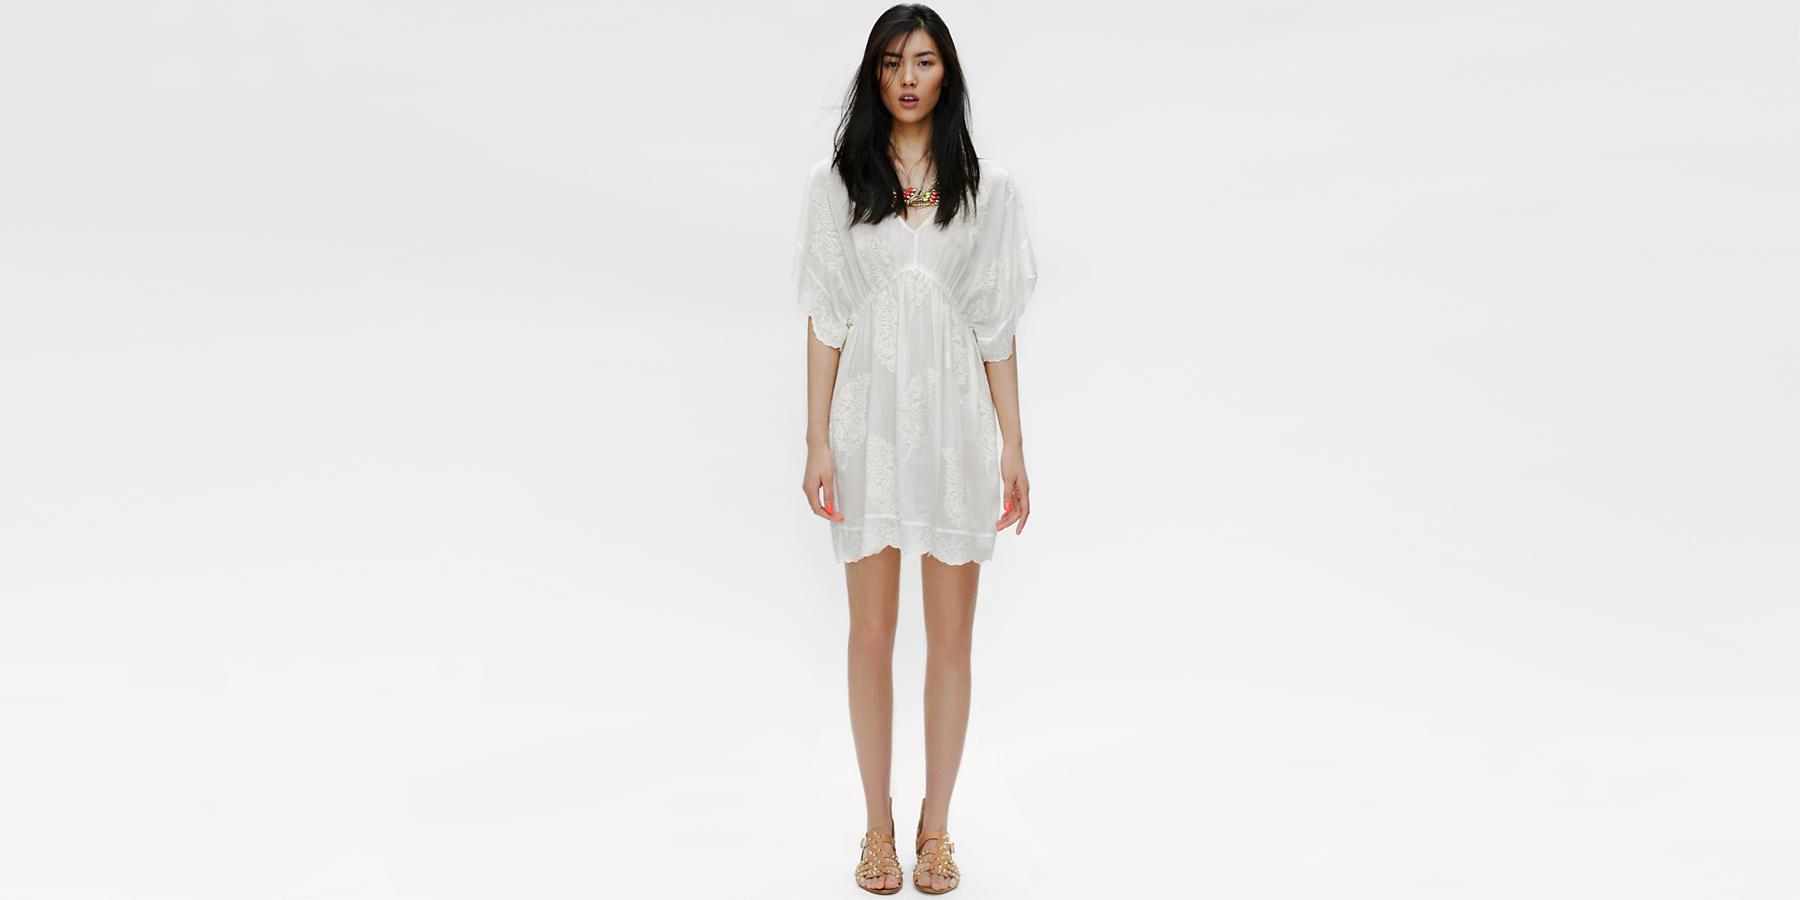 Zara clothing online